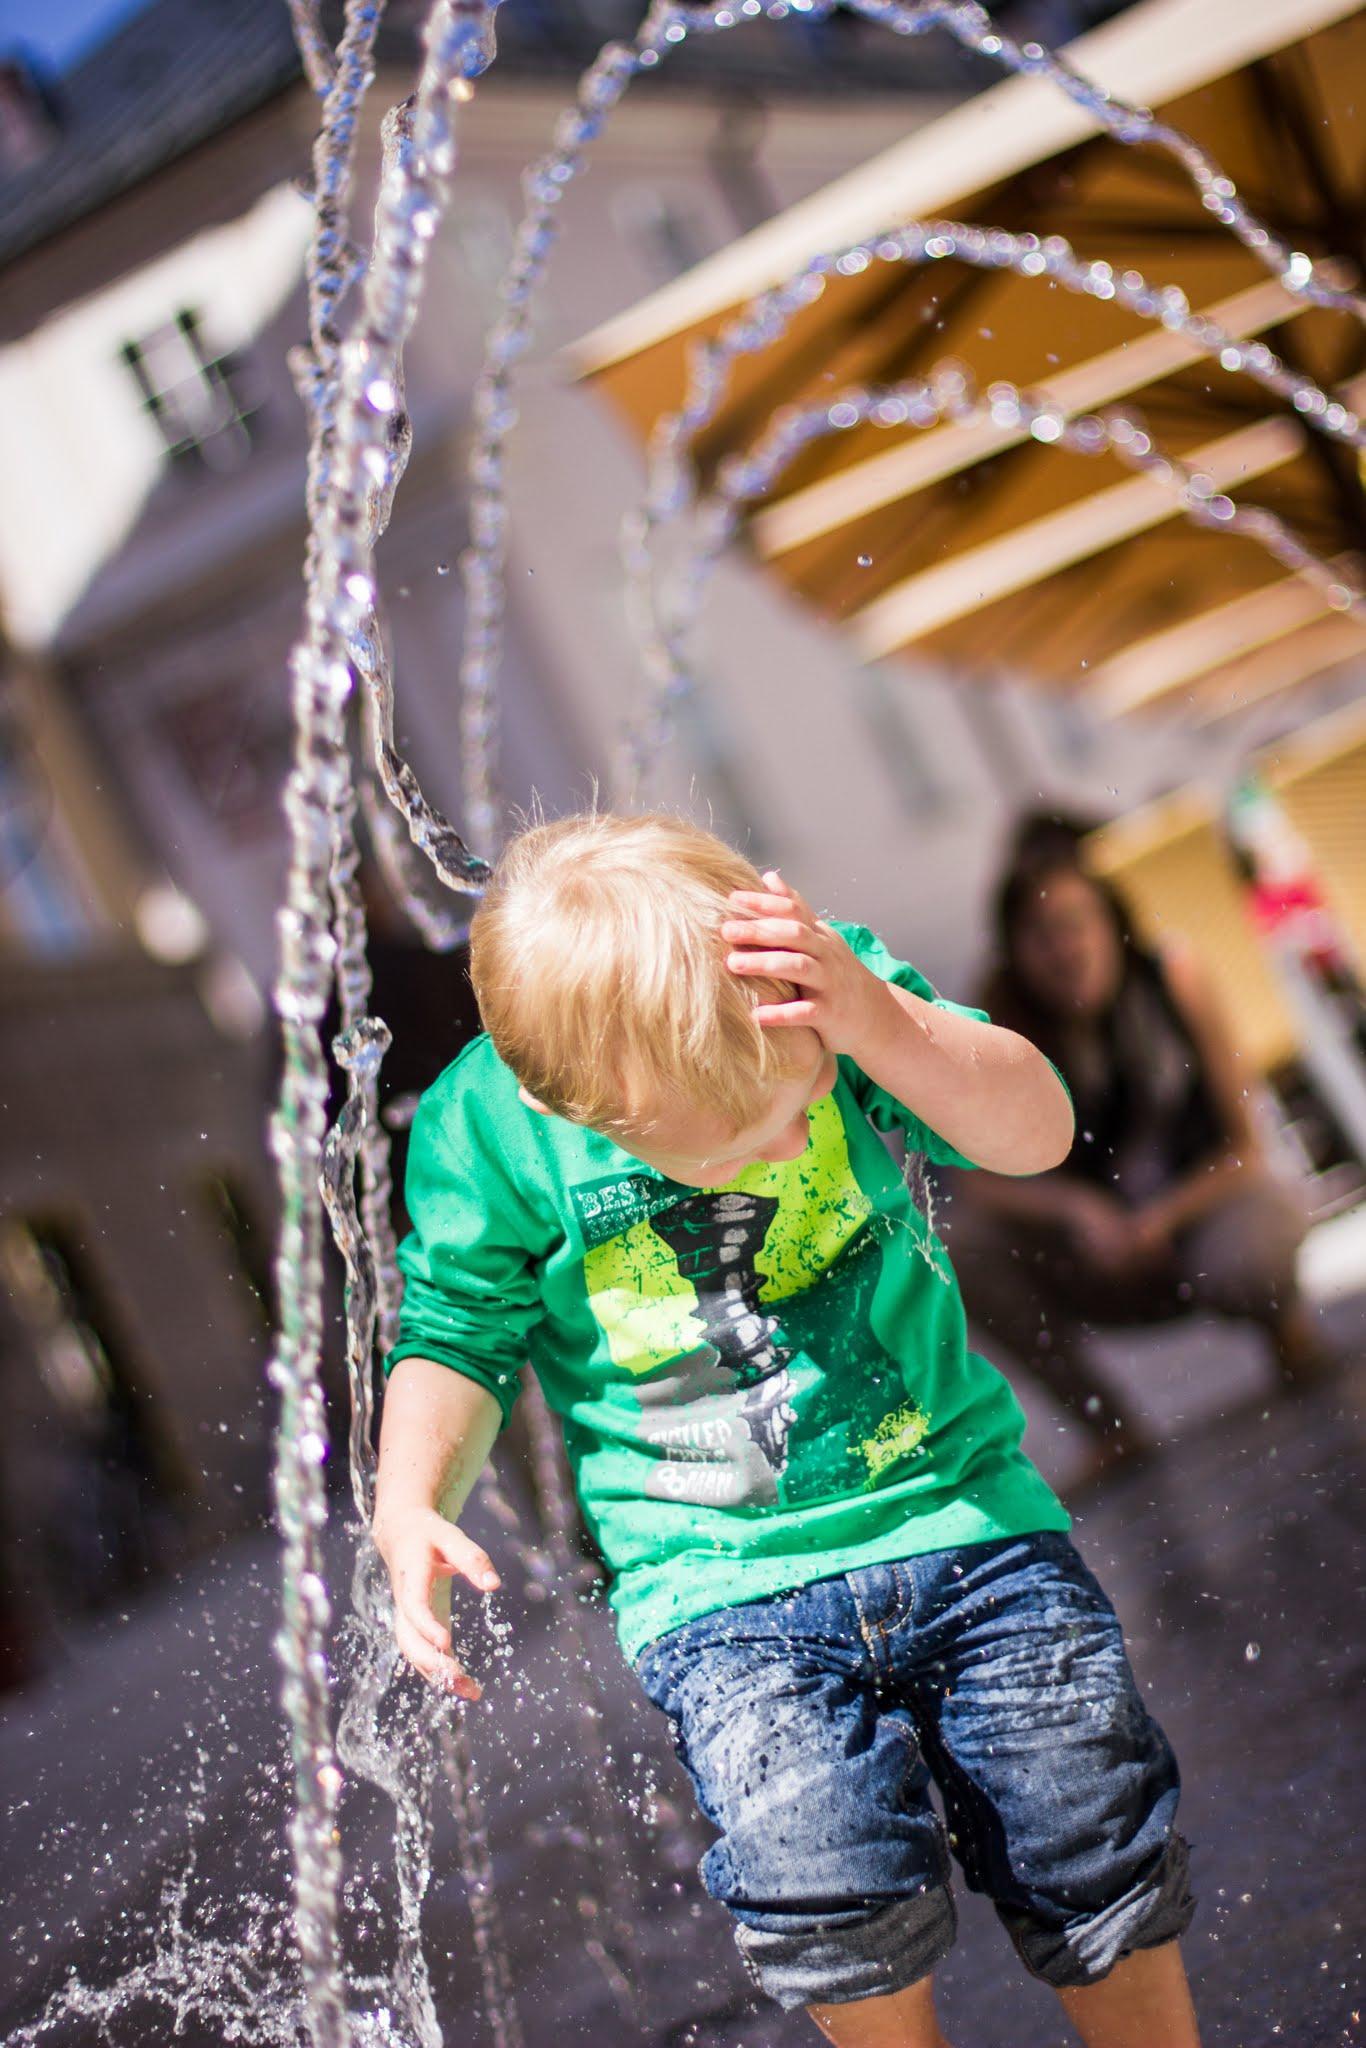 Voll bekleideter Junge steht kurz vor Kollision mit einem Wasserstrahl